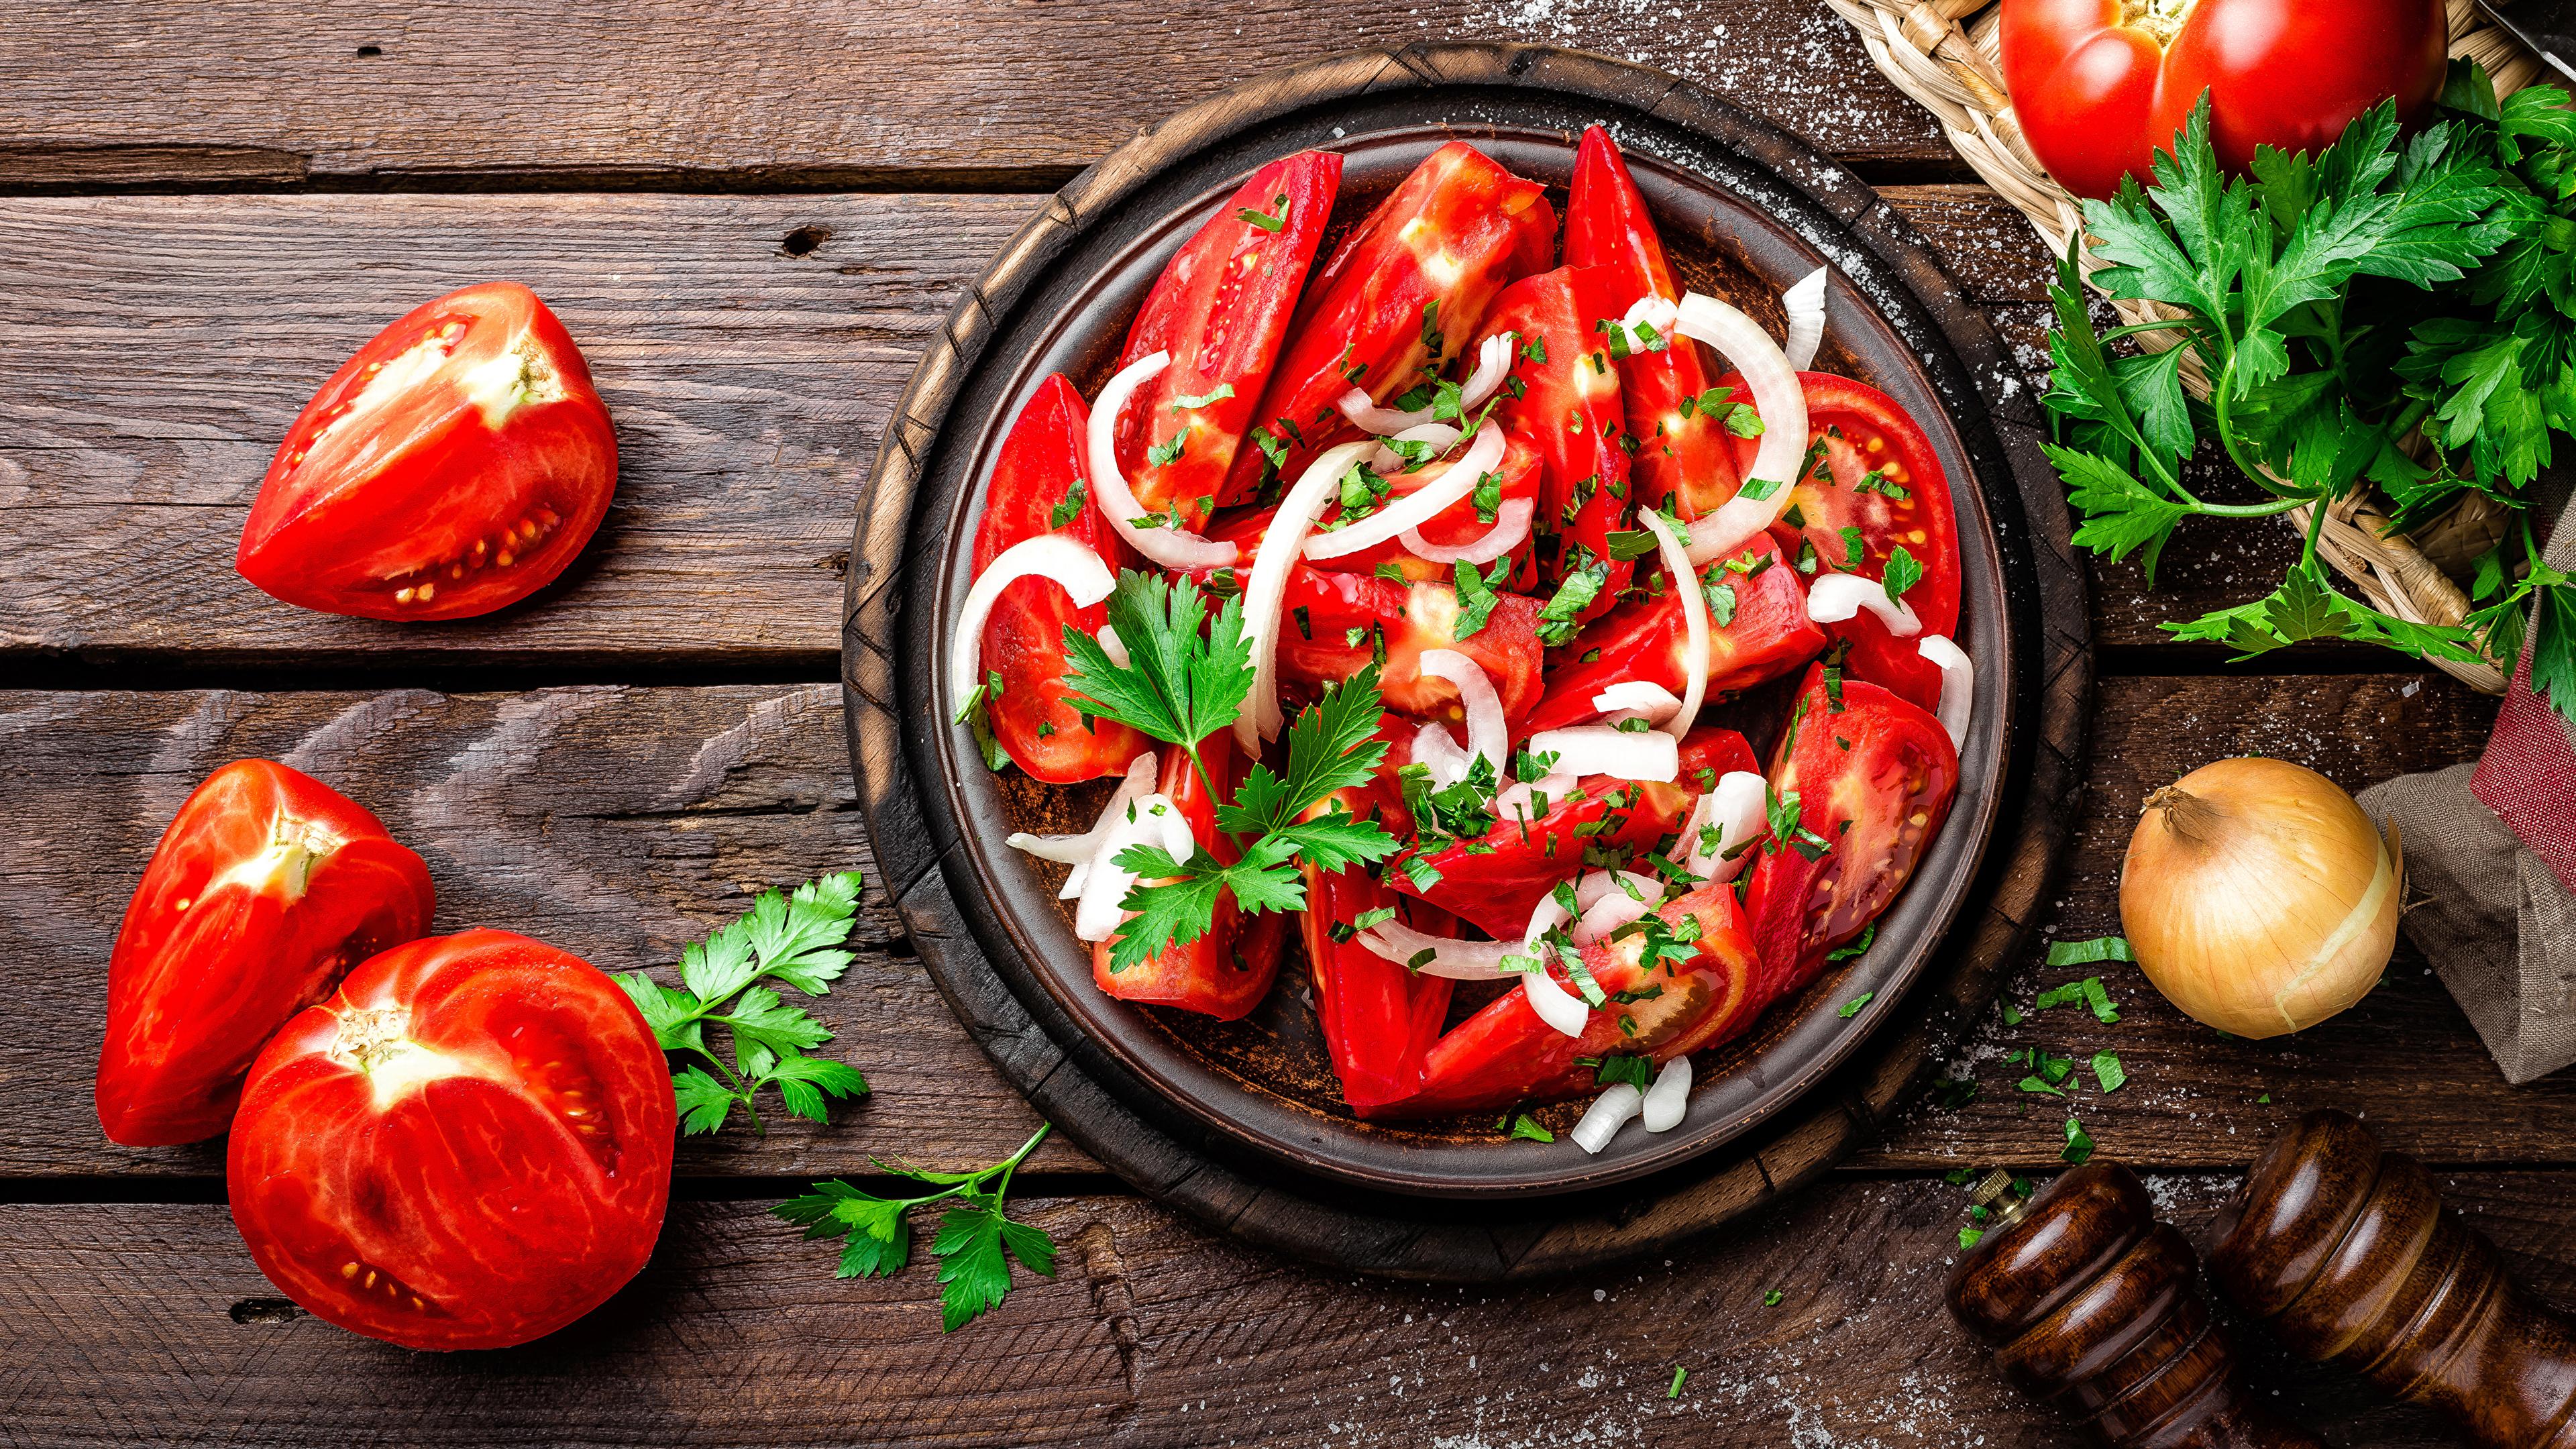 Фотография Помидоры Еда Овощи Салаты Доски 3840x2160 Томаты Пища Продукты питания